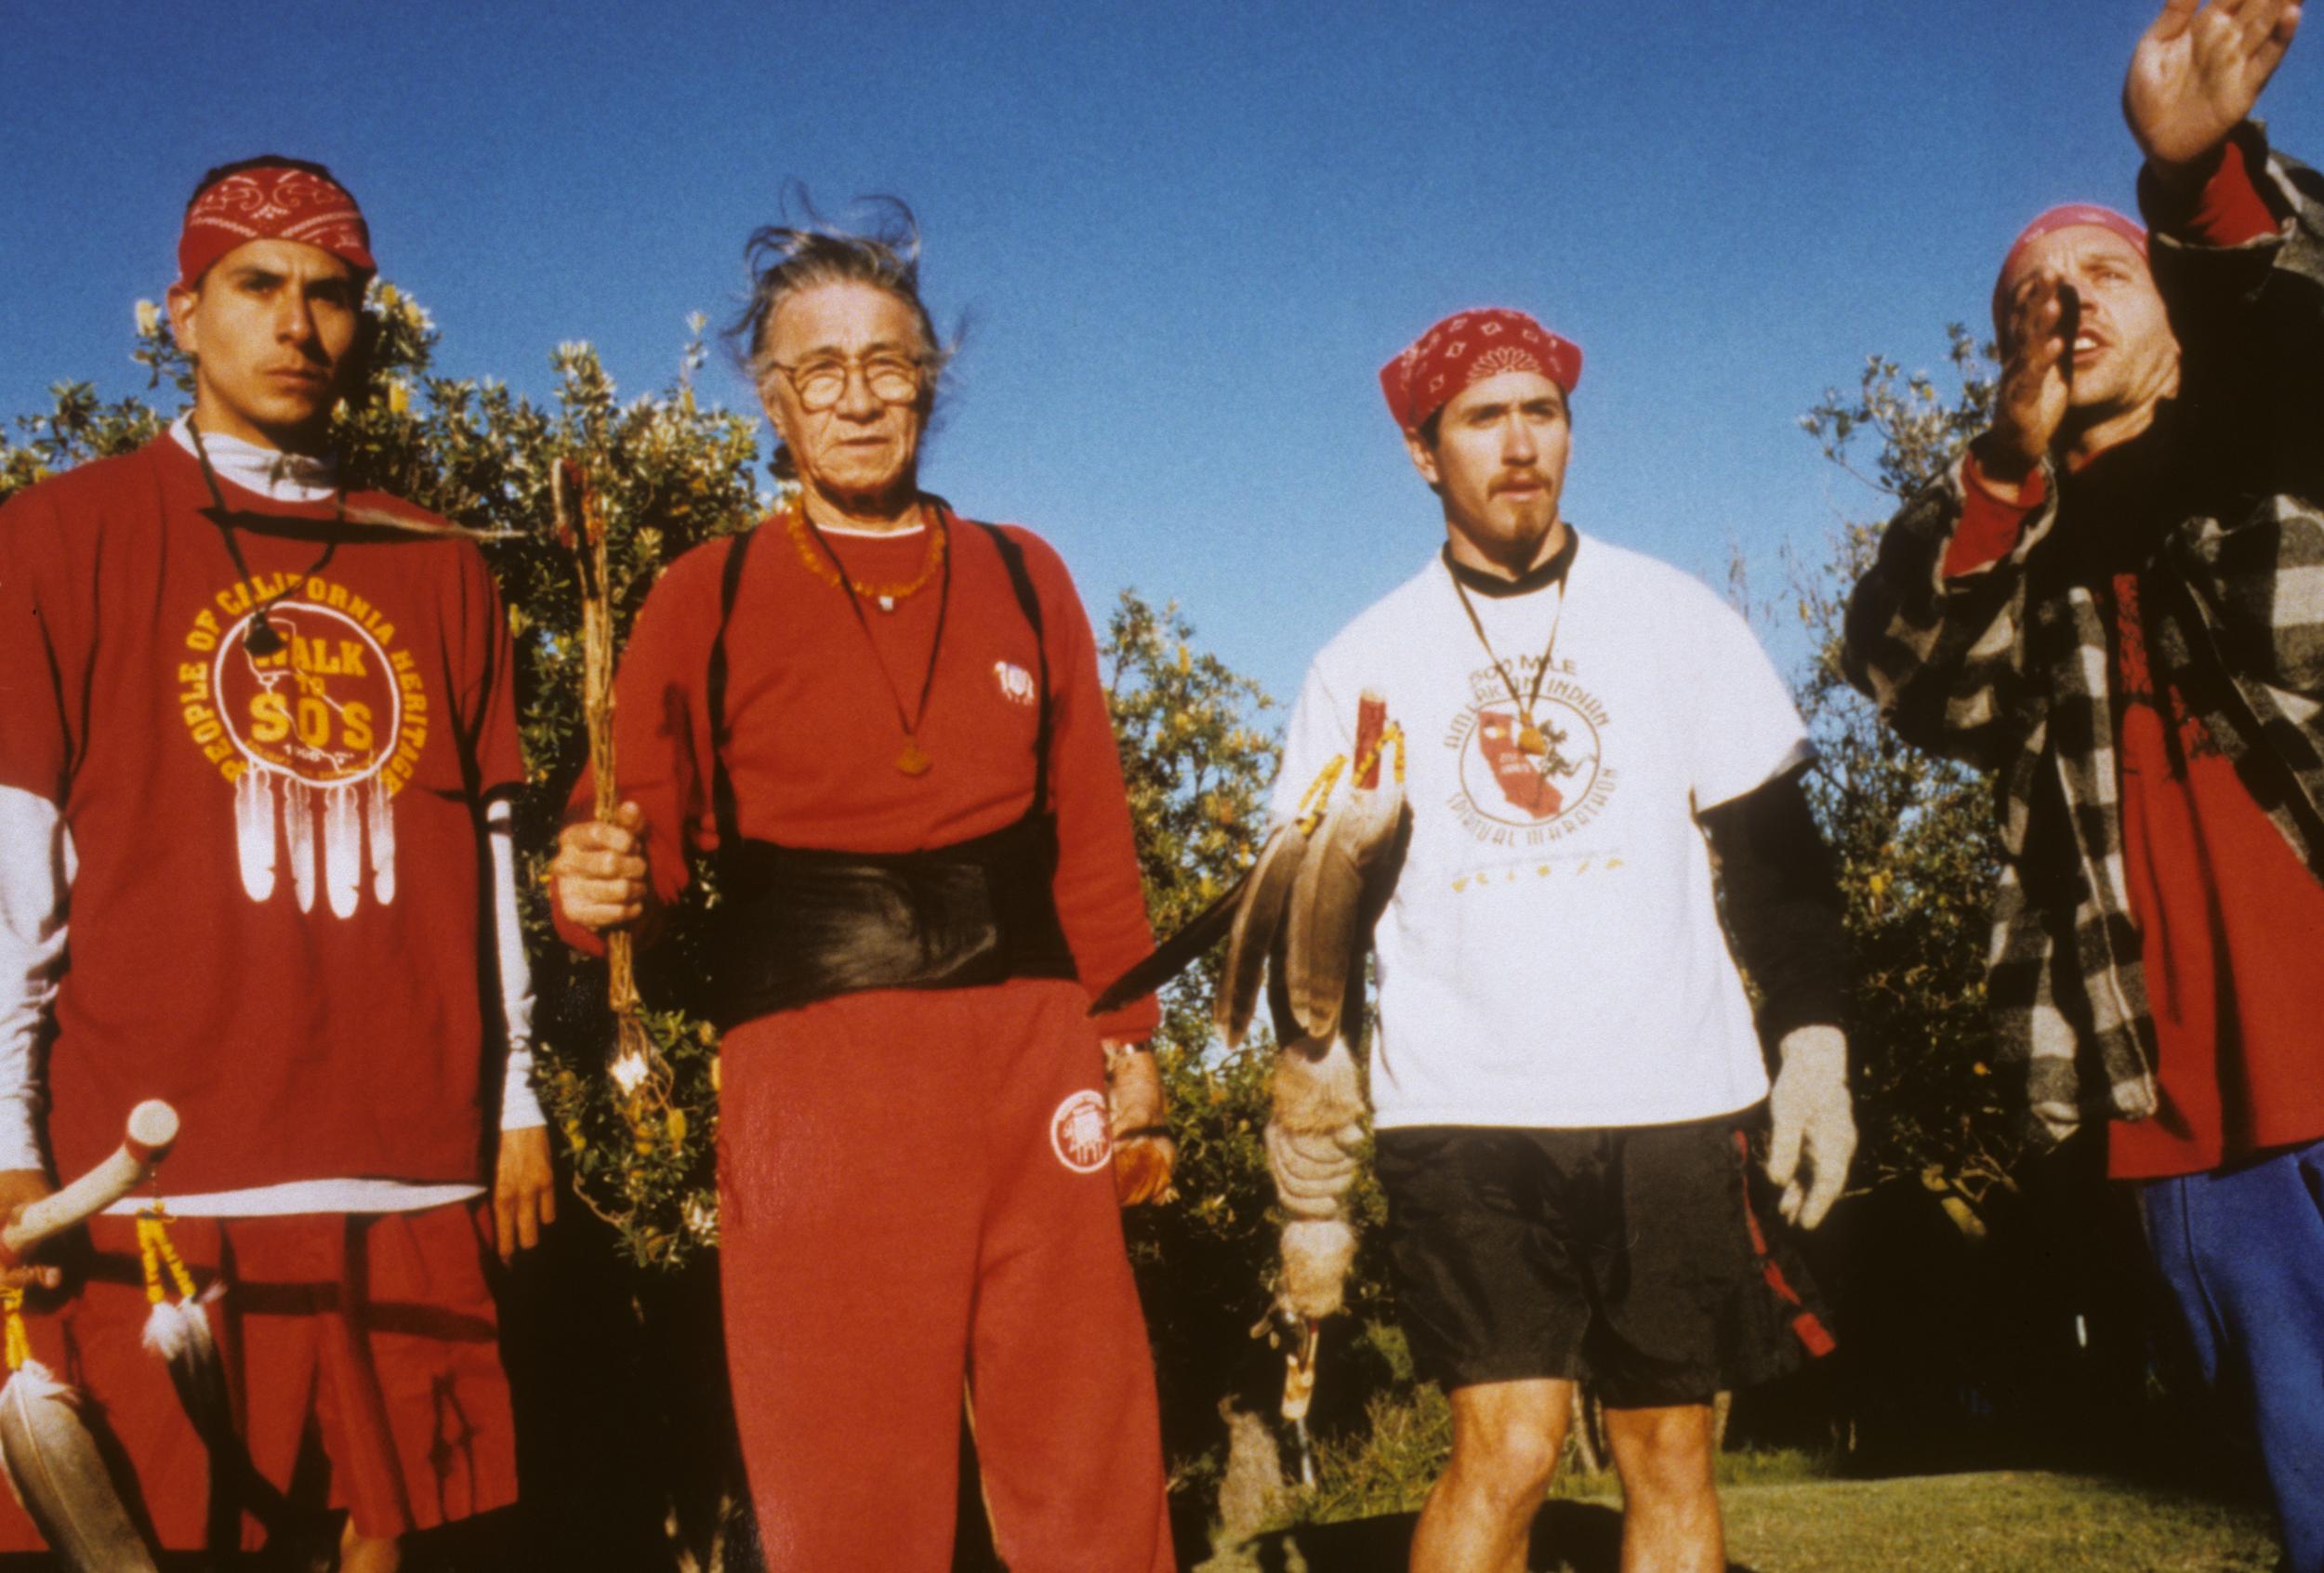 Runners from L-R. Emillio, Emmett (oldest runner at 70), Vince & Marcus